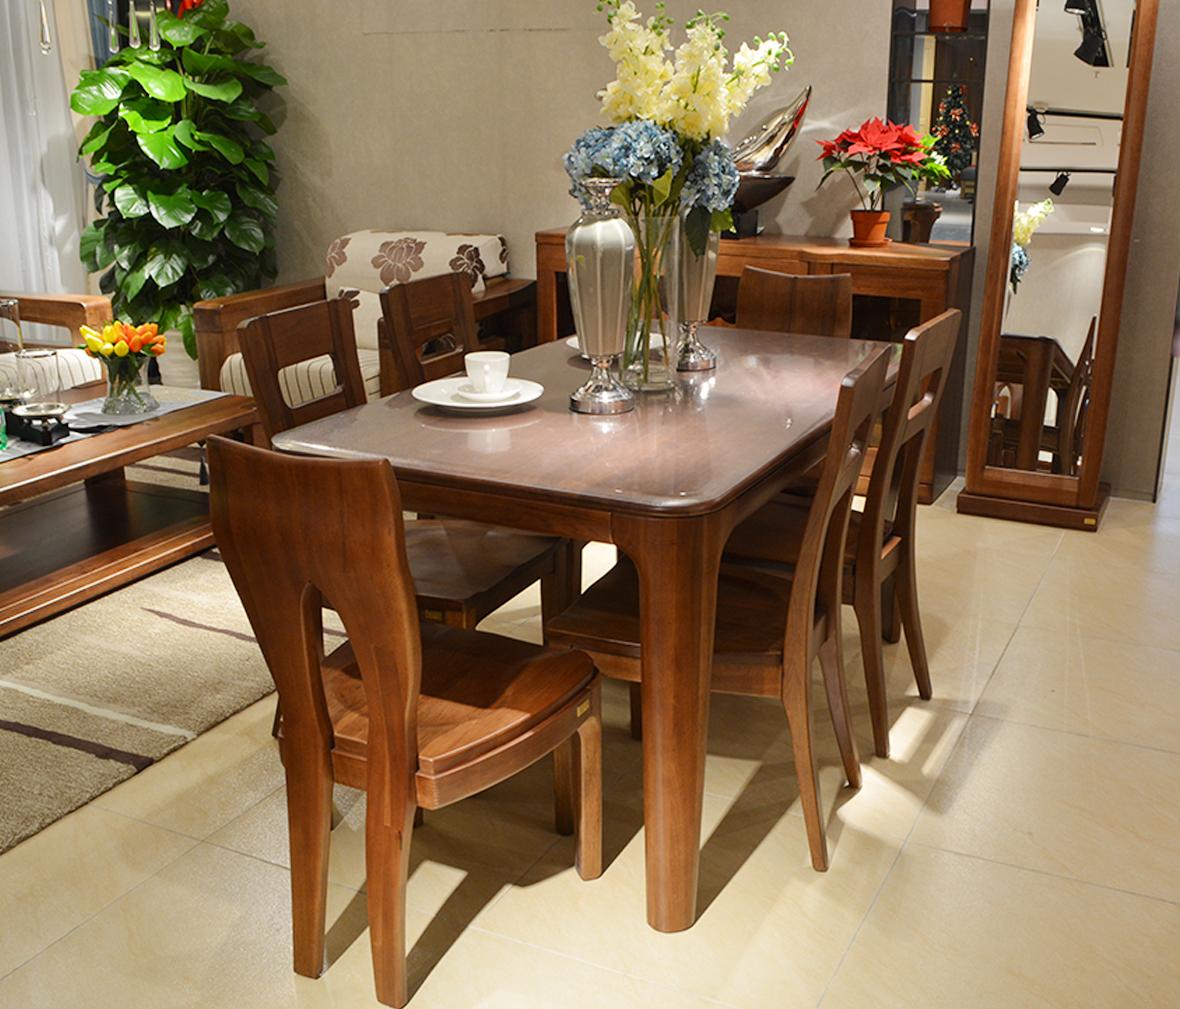 现代简约风格  眼缘:0  尚景家具 dt072-16型号 餐桌 桌子 胡桃木材质